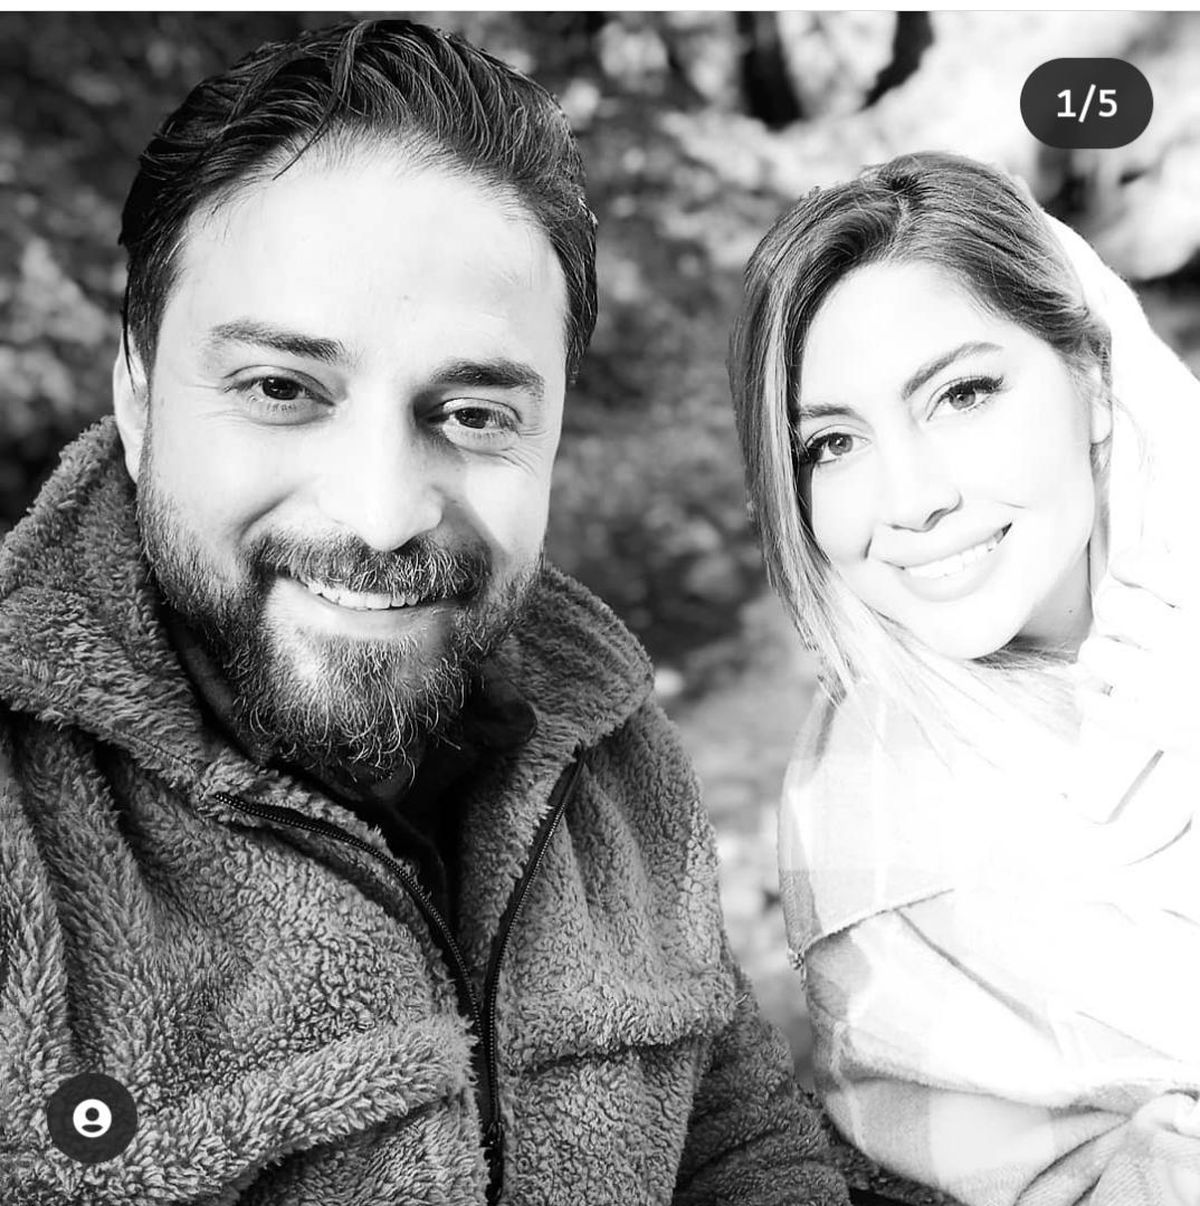 سلفی جذاب بابک جهانبخش و همسر دومش + تصاویر